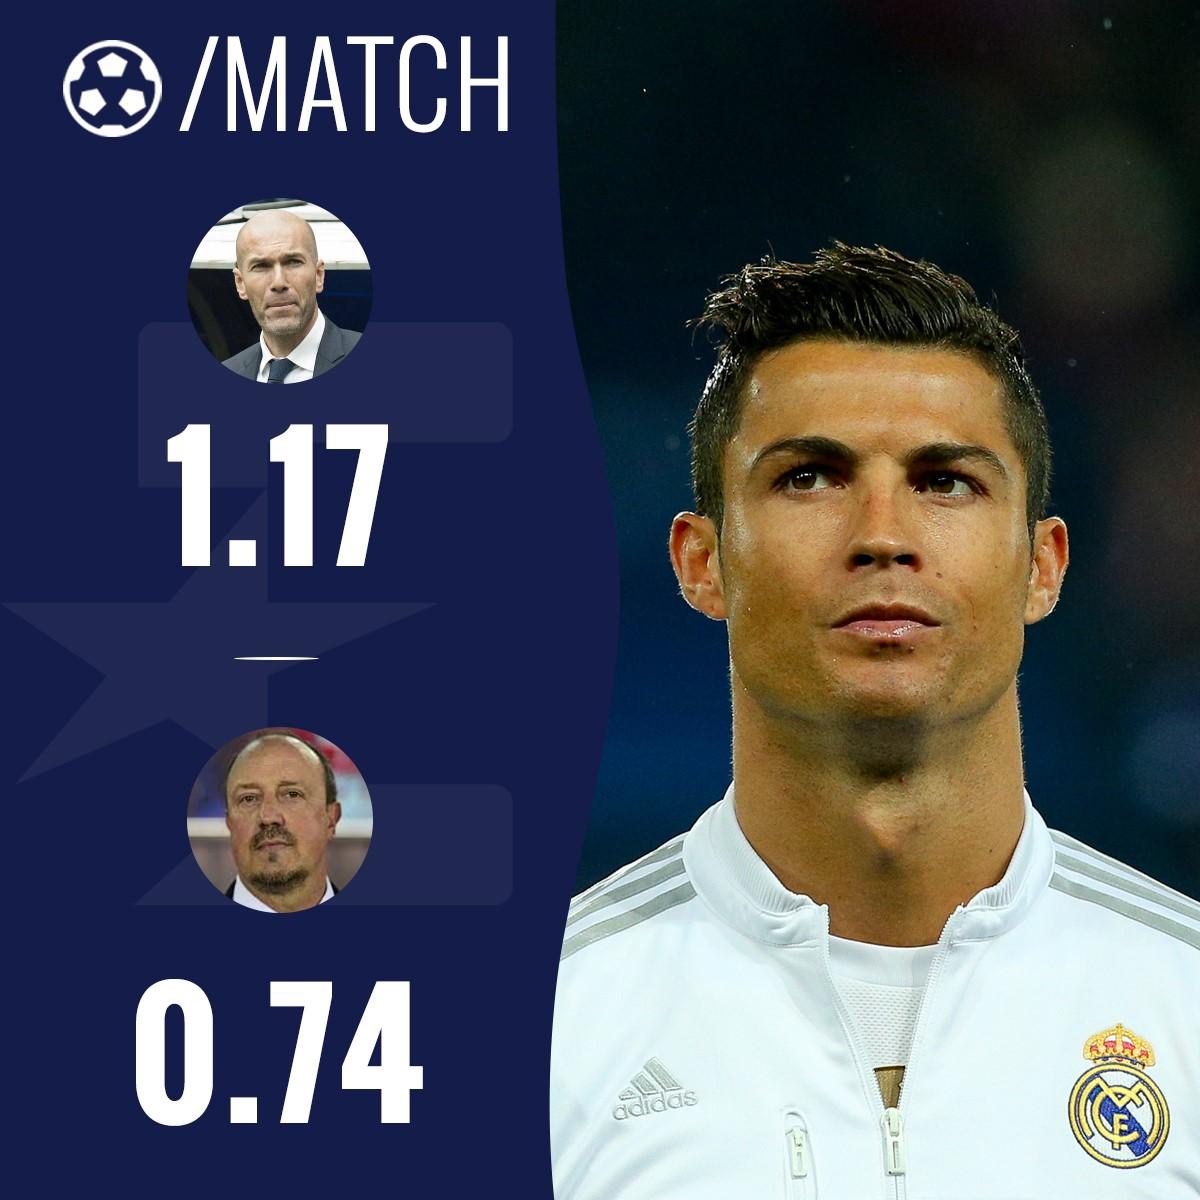 Le nombre de buts pa match de Ronaldo avec Benitez et avec Zidane